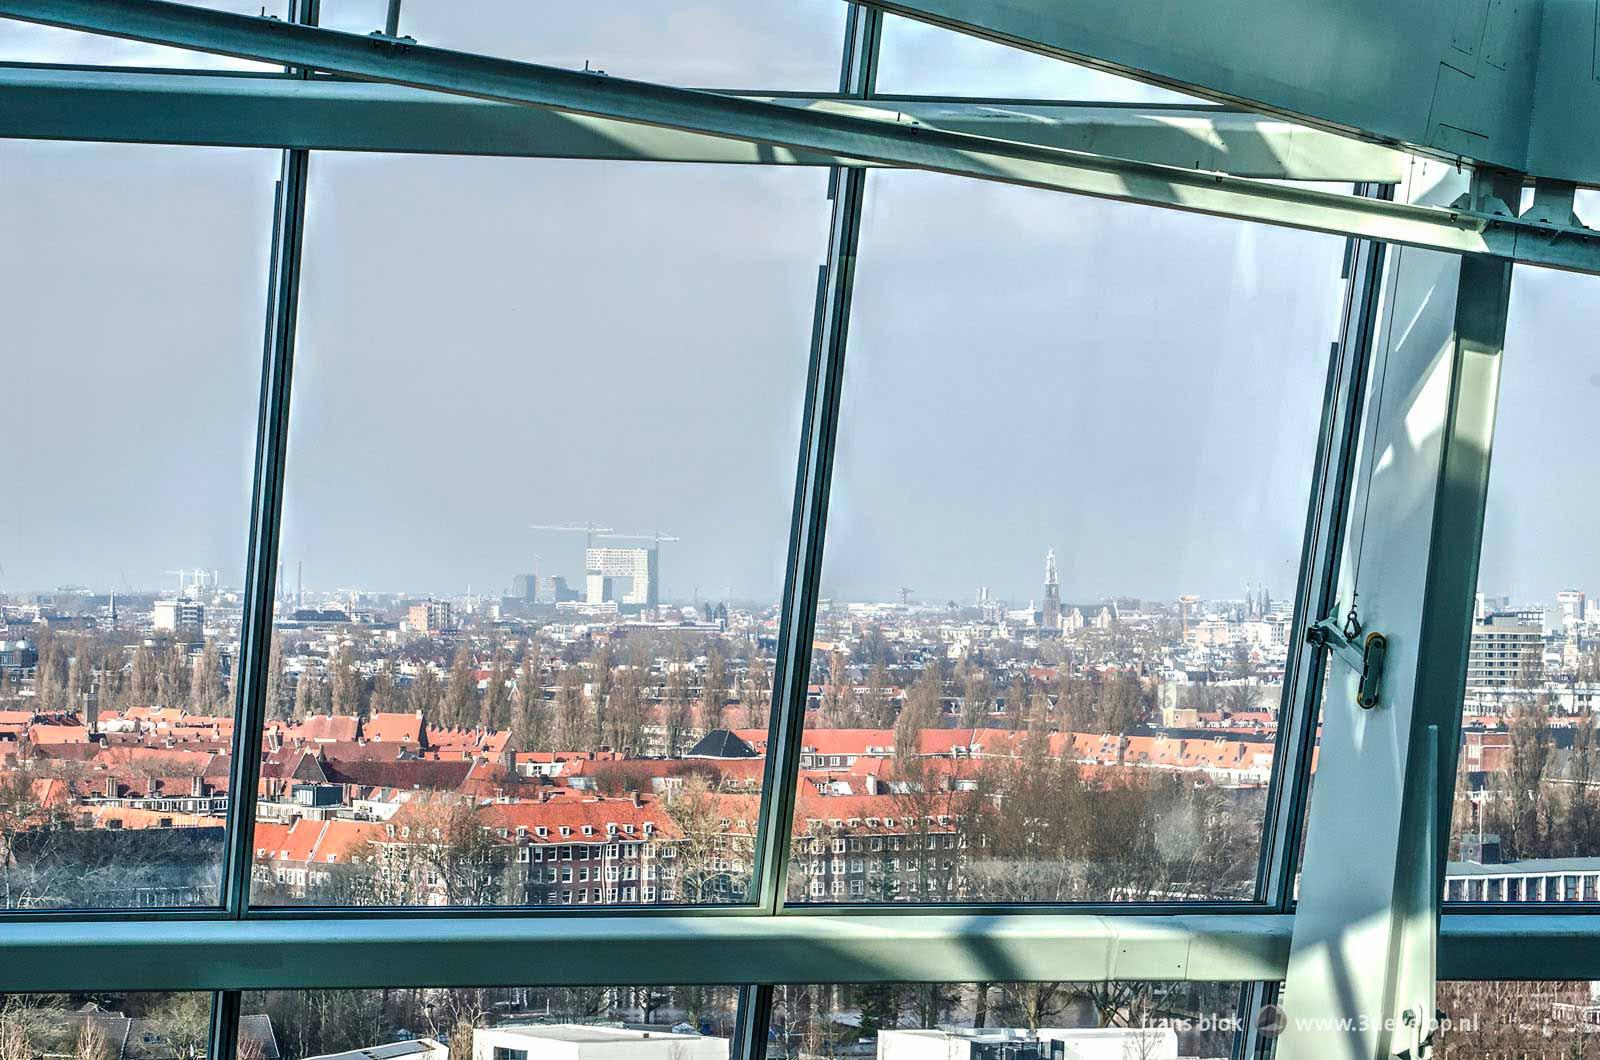 Uitzicht op de skyline van Amsterdam met onder andere de Pontsteiger en de Westertoren, vanaf gebouw The Edge op de Zuidas